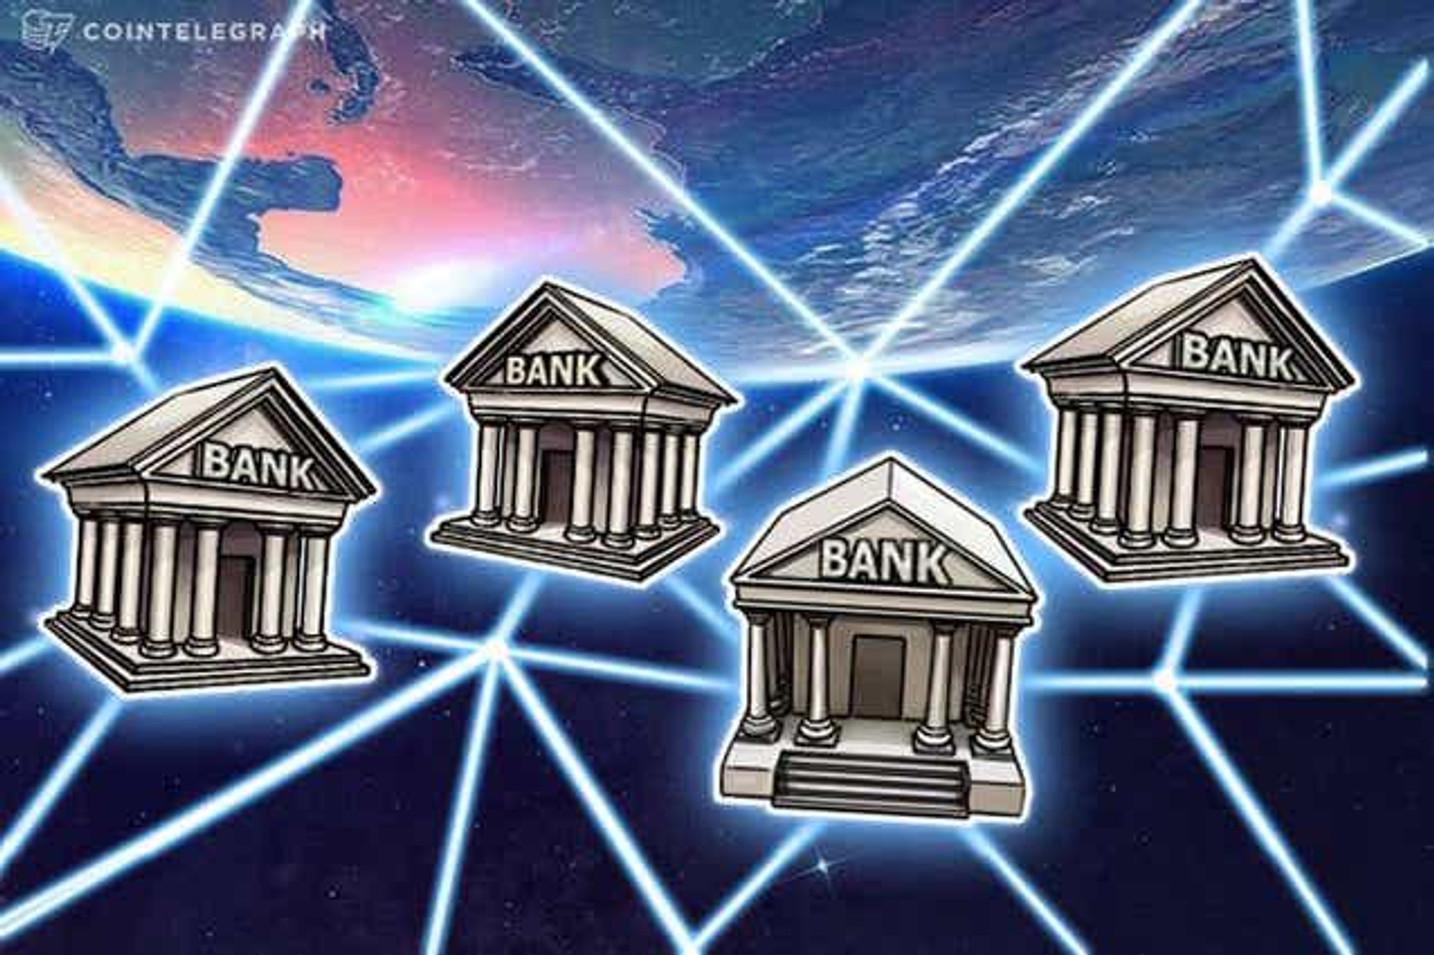 Institución bancaria de El Salvador crea una alianza con empresas para impulsar la adopción de Bitcoin en el país